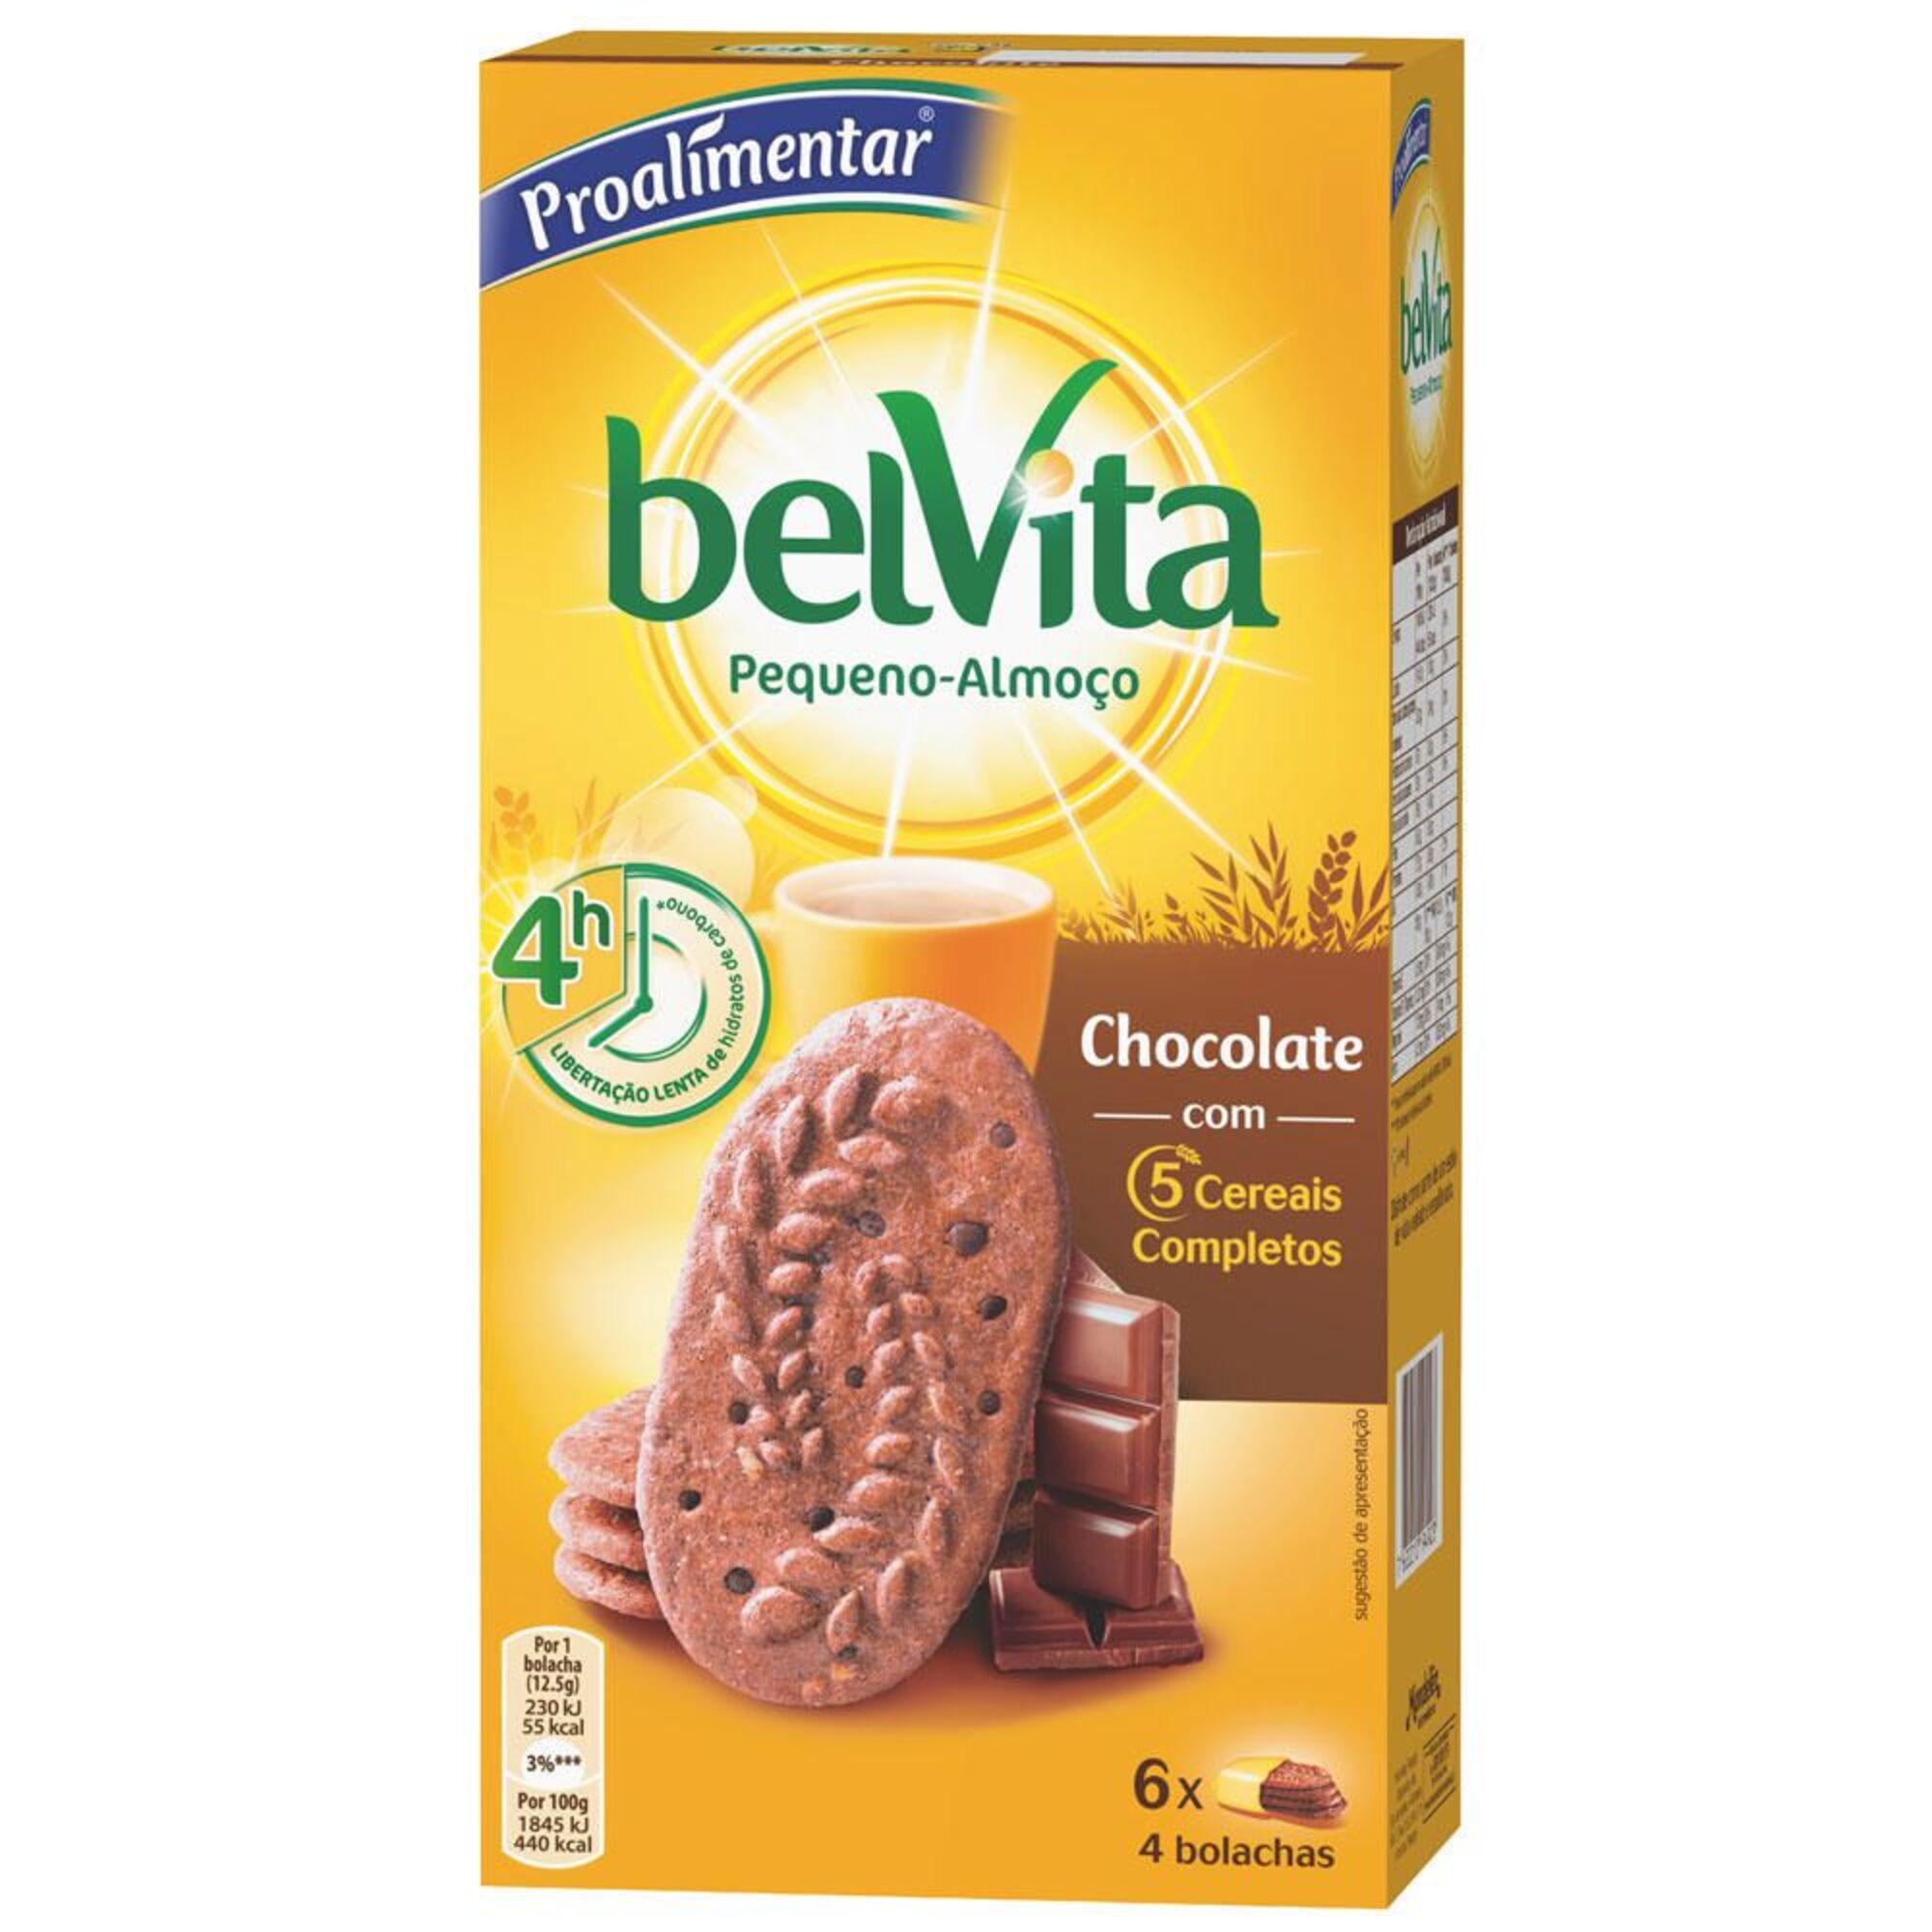 PROALIMENTAR - PROALIMENTAR Bolacha  Chocolate & 5 Cereais, 6 x 4 Bolachas